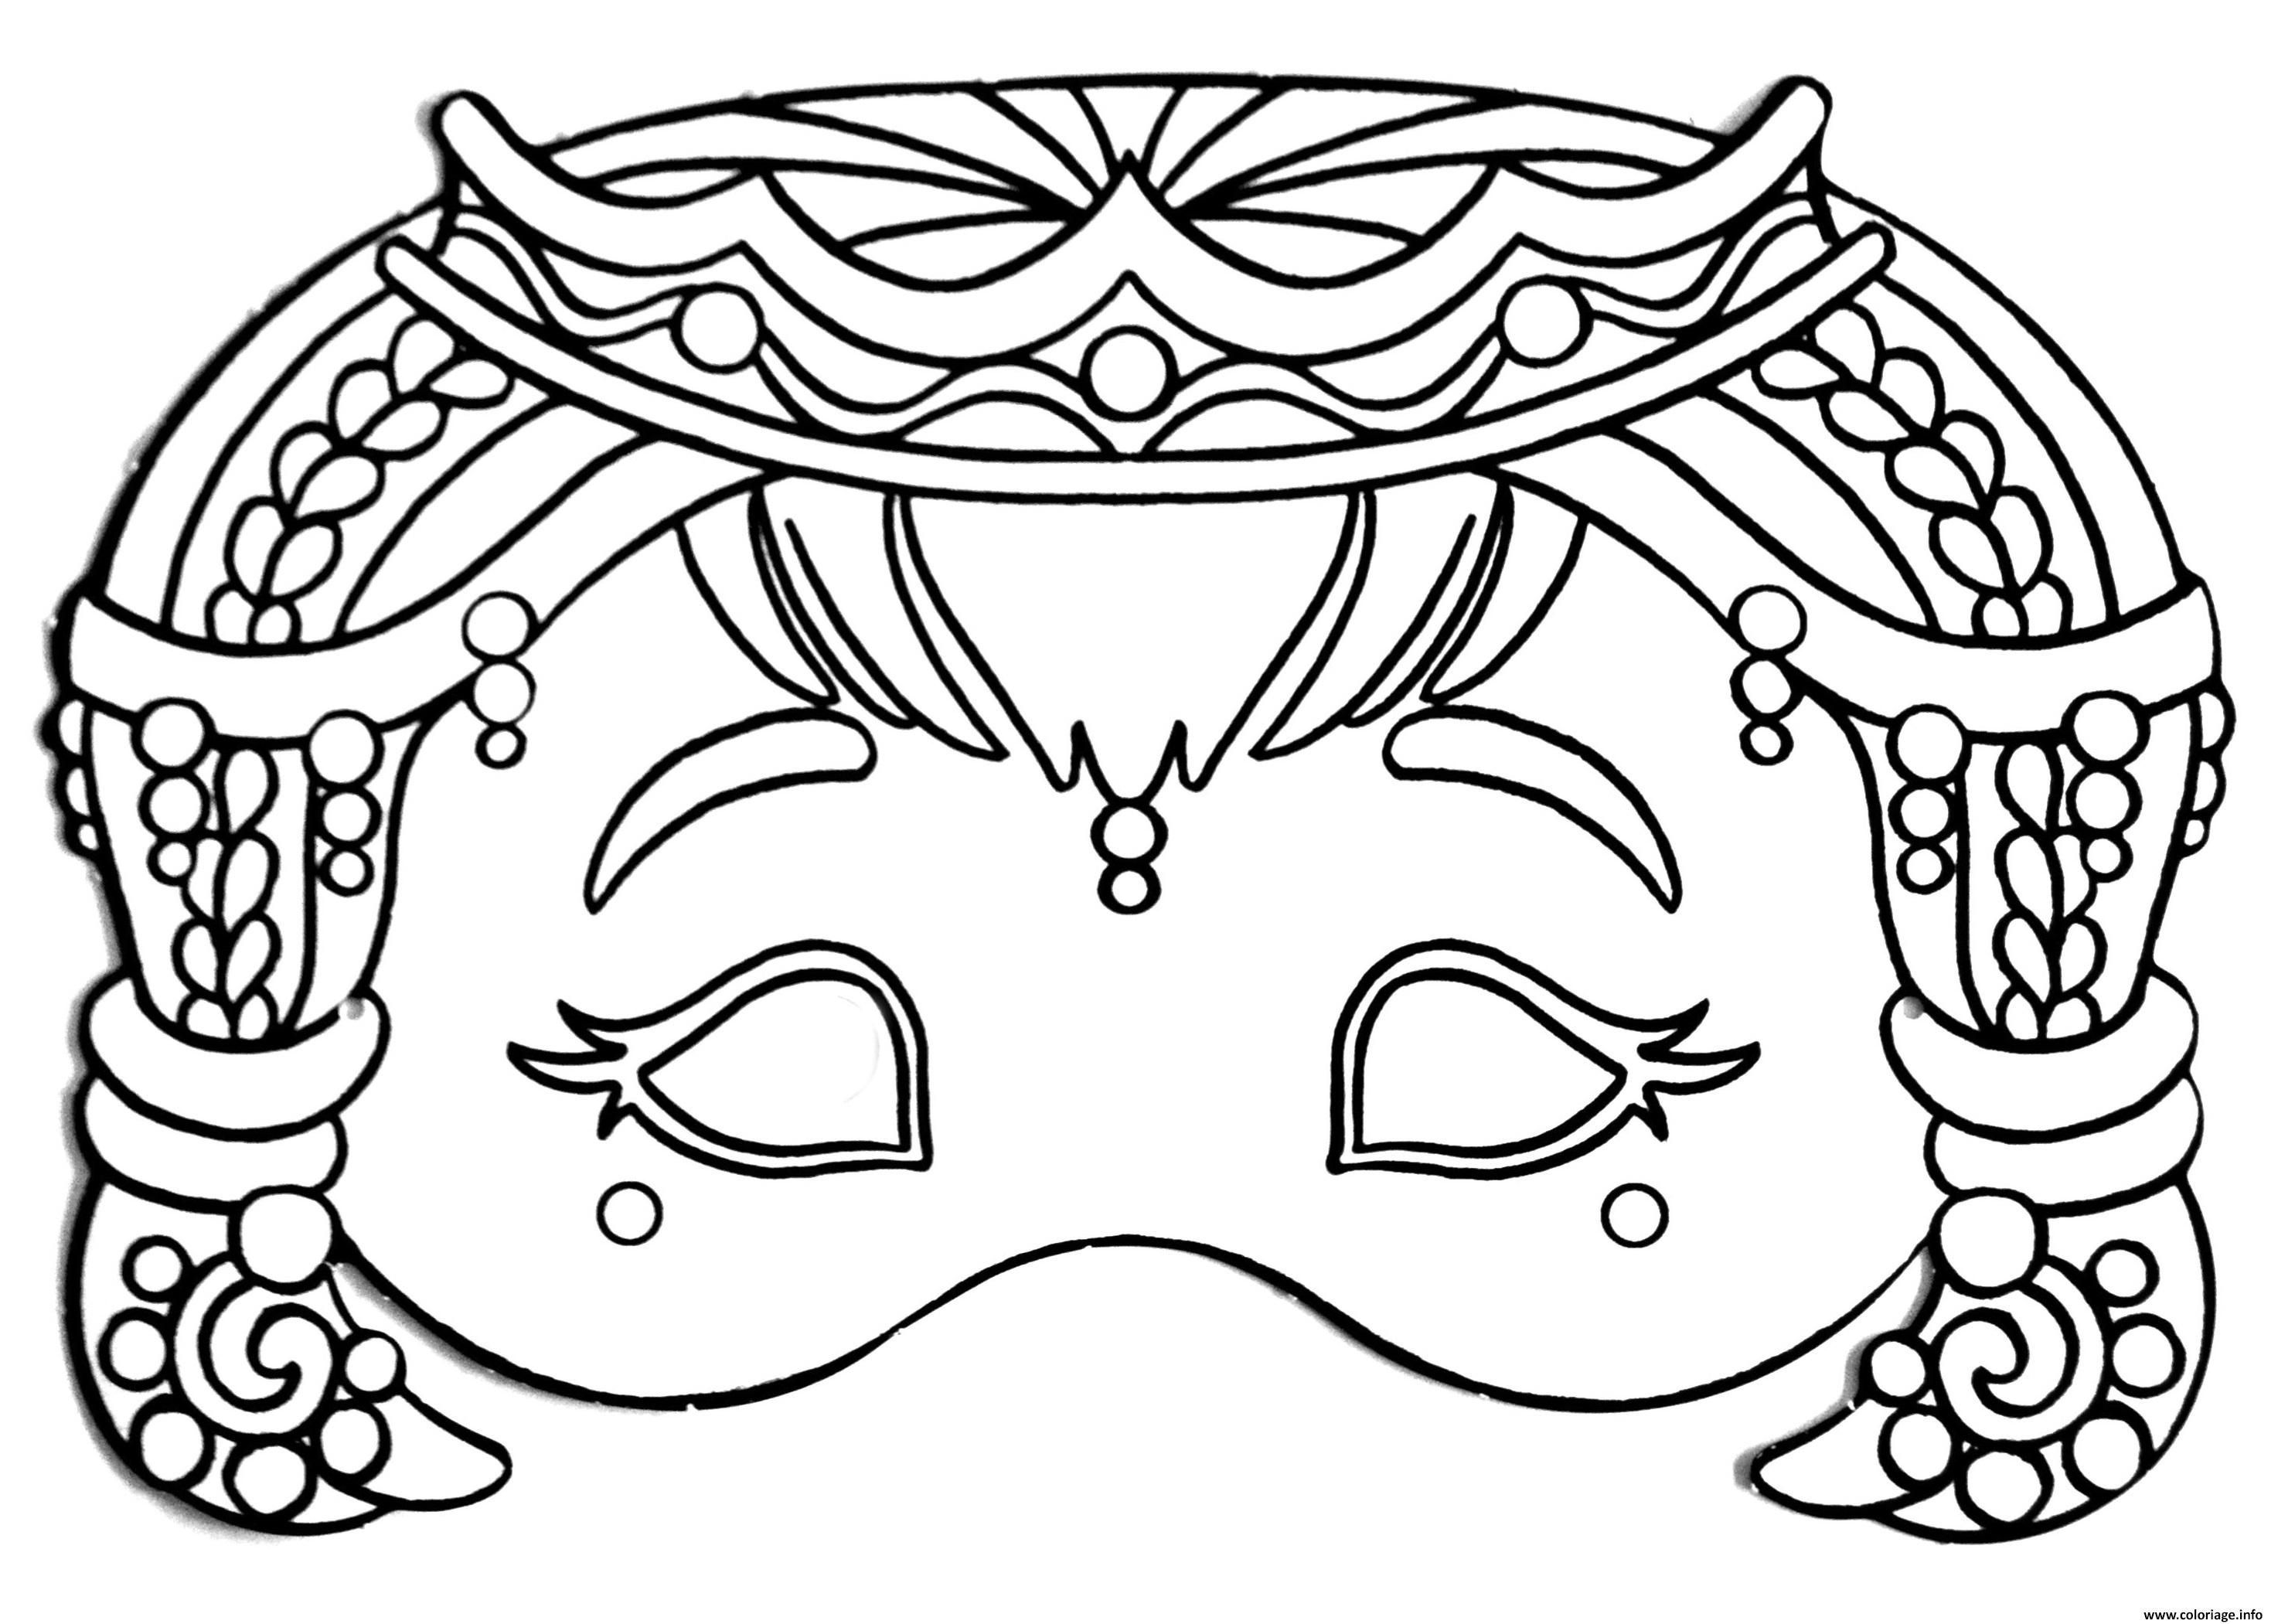 Coloriage Masque De Princesse Pour Fille Dessin Masque à imprimer